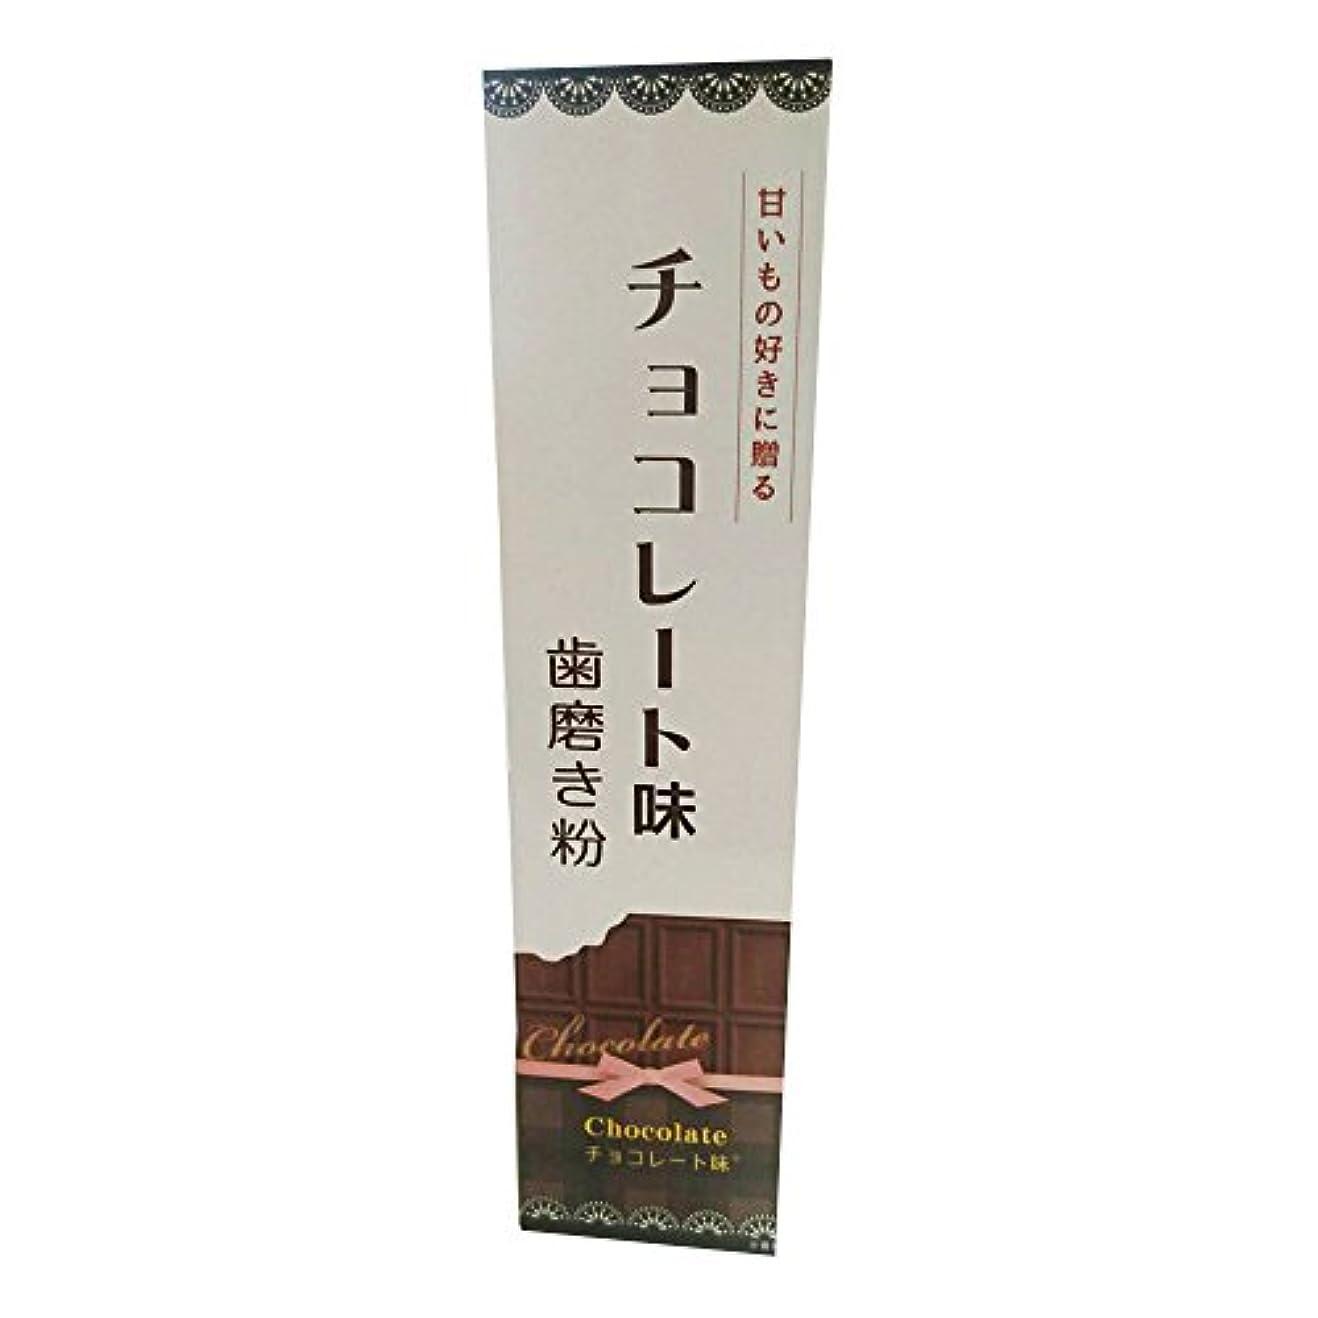 セクション前にラリーベルモントフレーバー歯磨き粉チョコレート味 70g